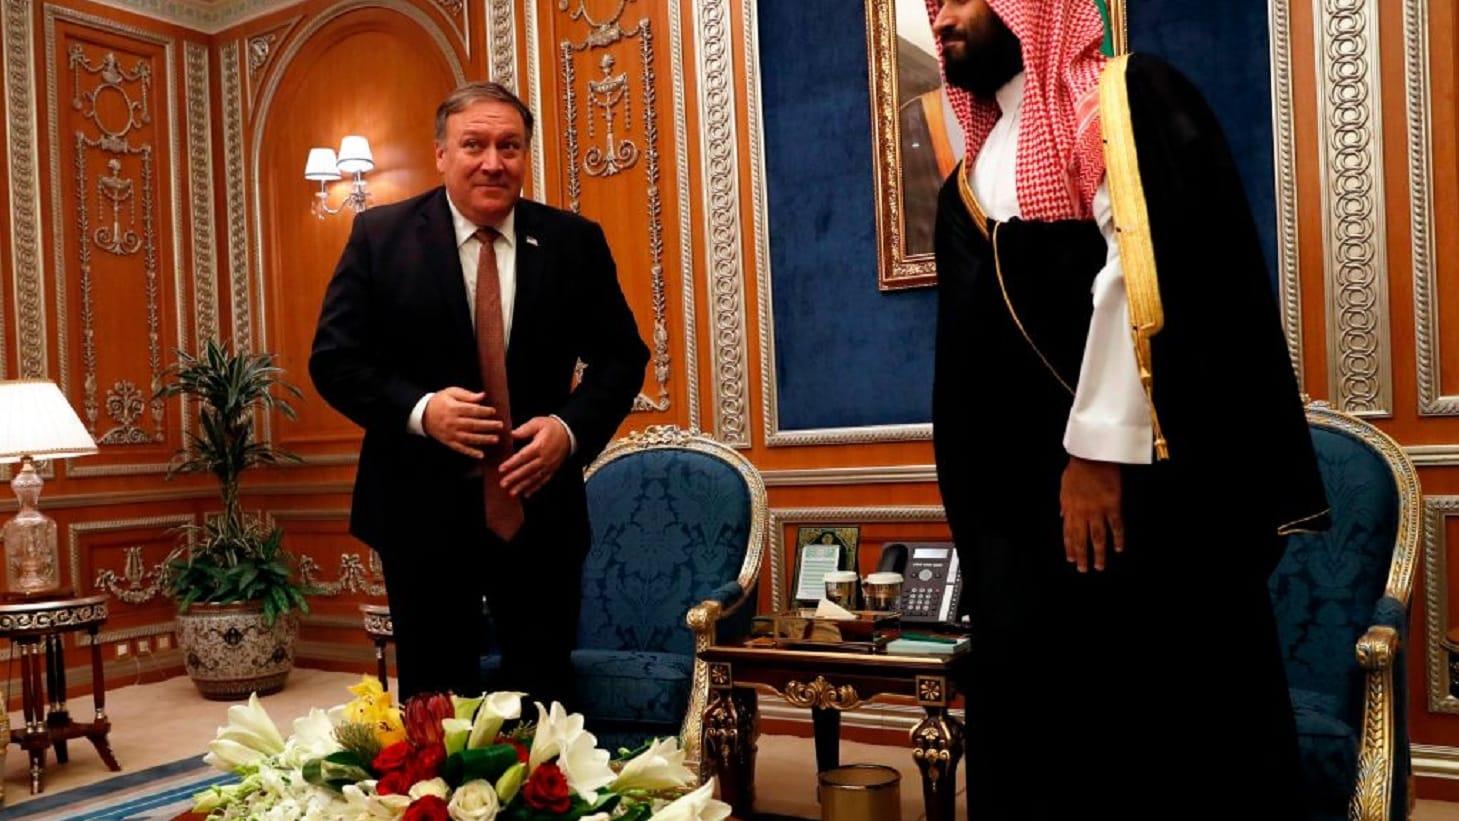 ترامب: السعودية حليف مهم وسنعرف ماحدث لخاشقجي نهاية الأسبوع